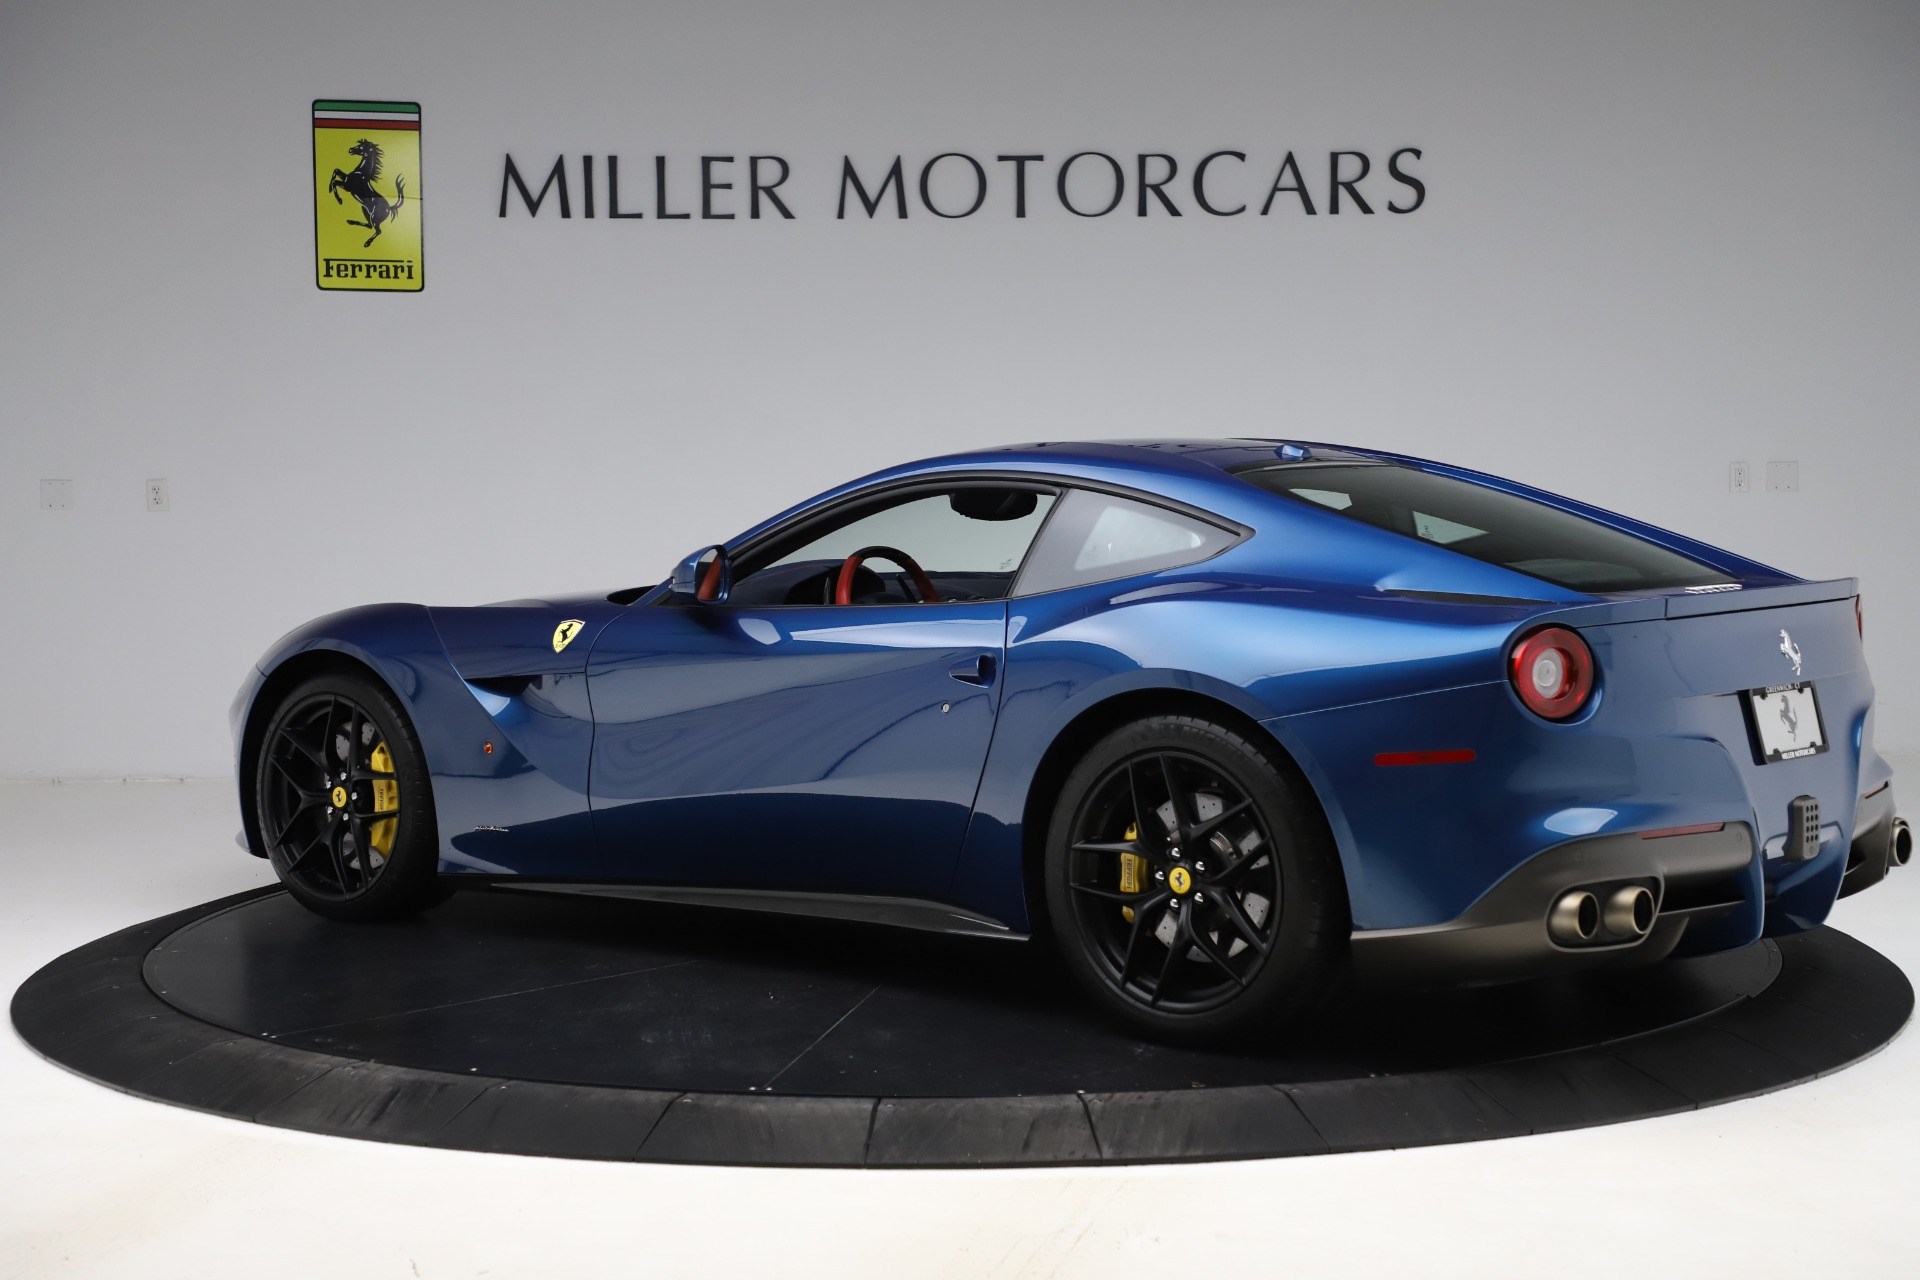 Pre Owned 2015 Ferrari F12 Berlinetta For Sale Miller Motorcars Stock 4673